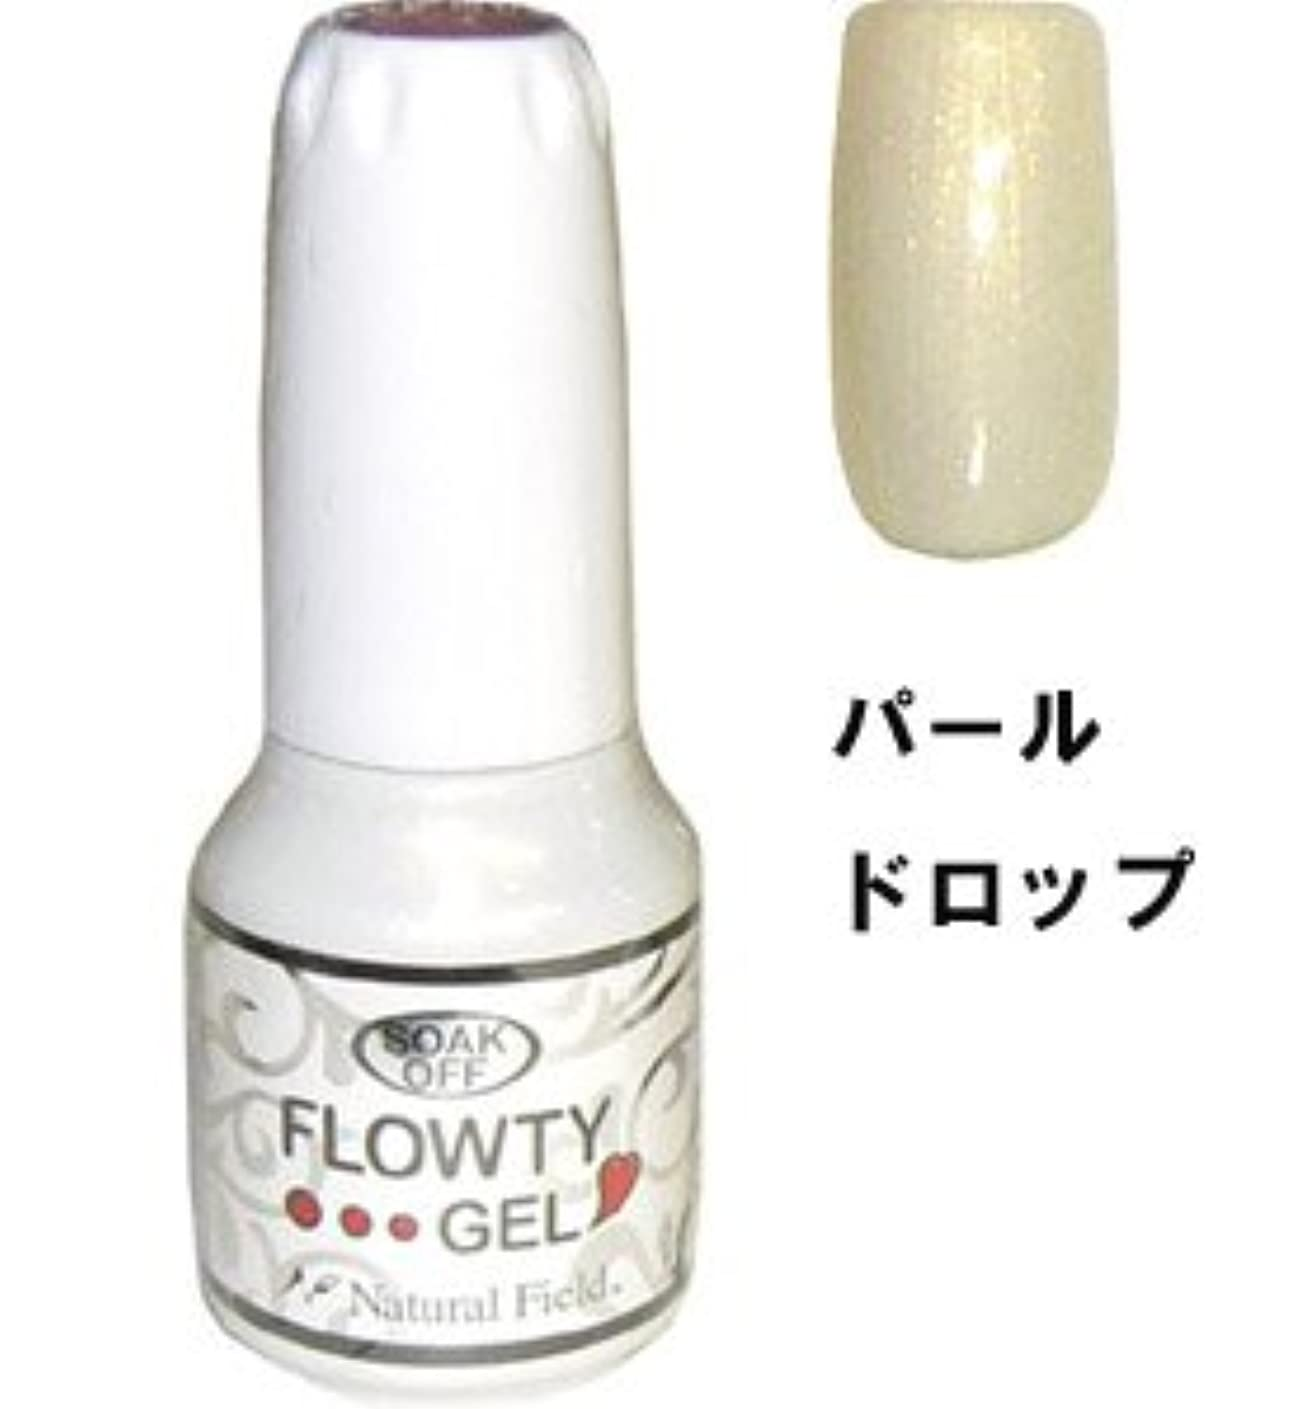 生産的高尚なフリースMELTY GEL(メルティージェル) フローティジェル 12ml パールドロップ